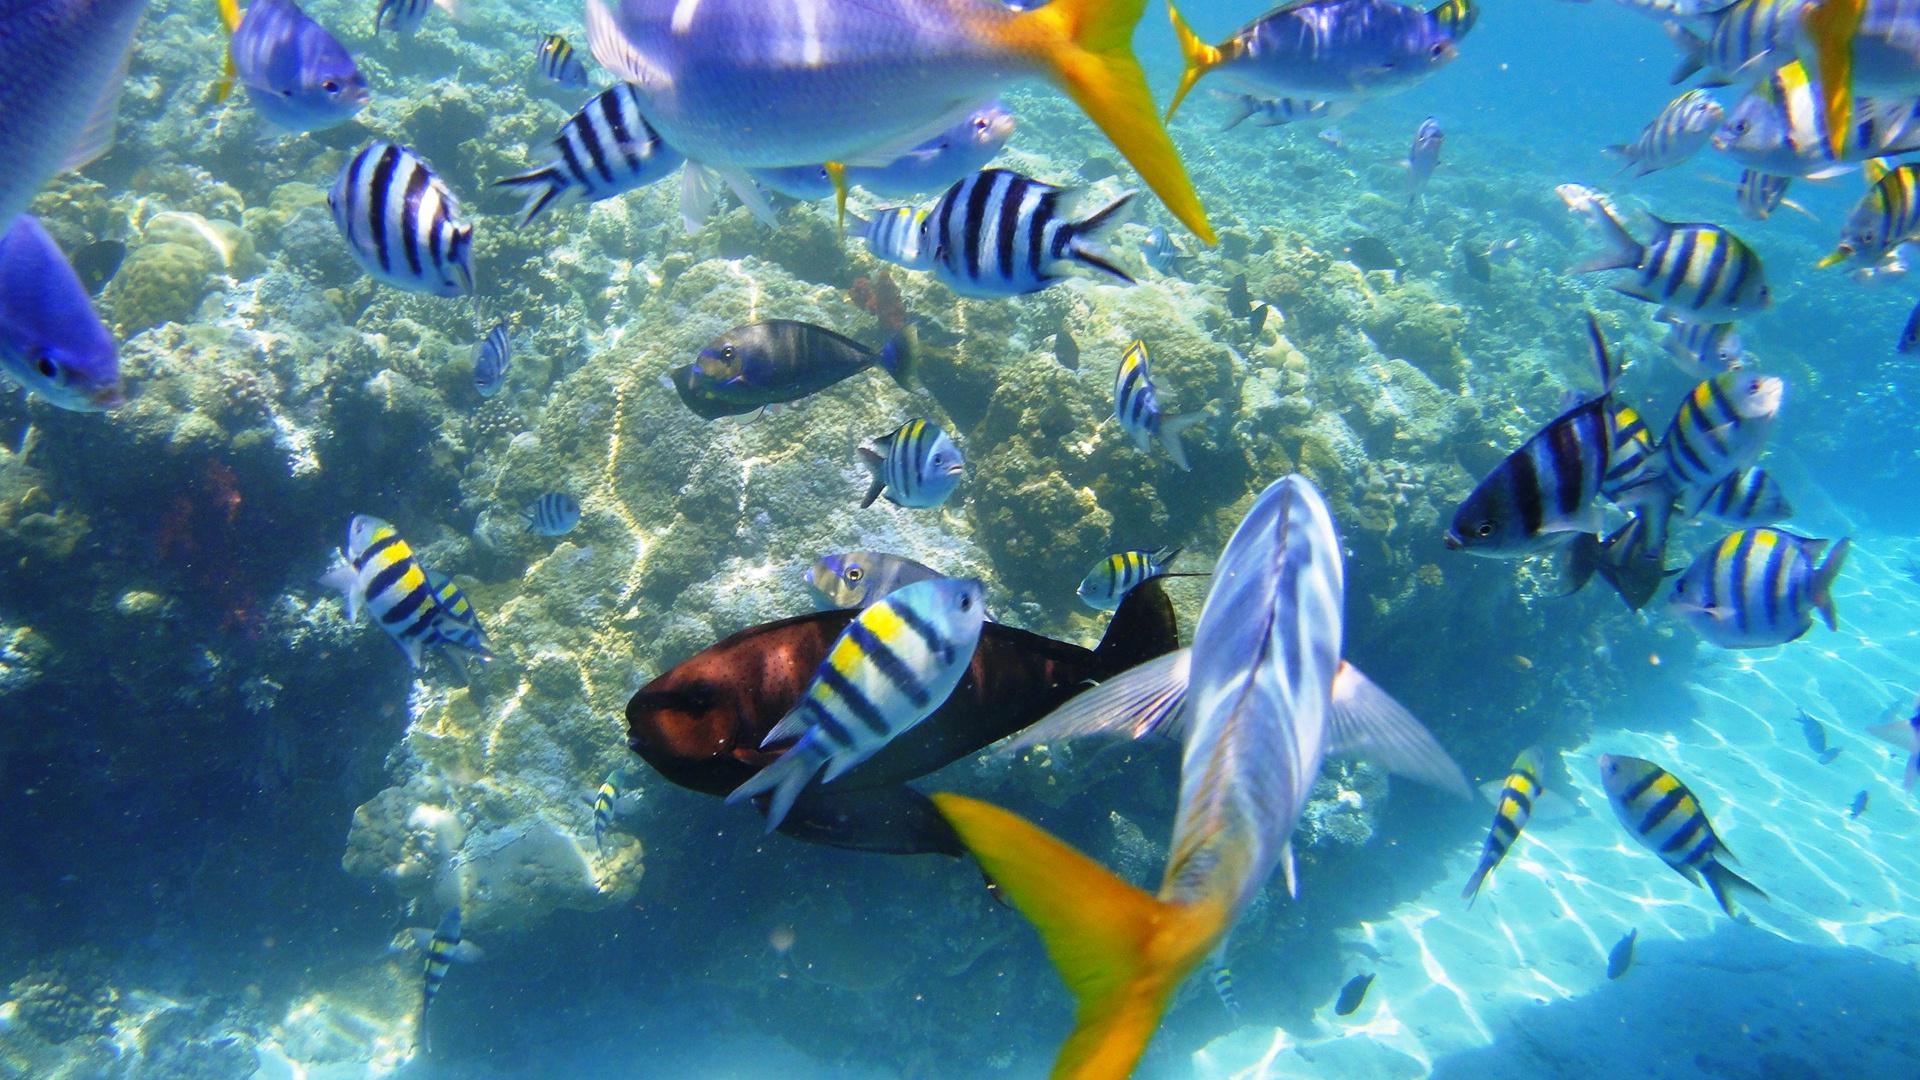 壁纸 海底 海底世界 海洋馆 水族馆 1920_1080